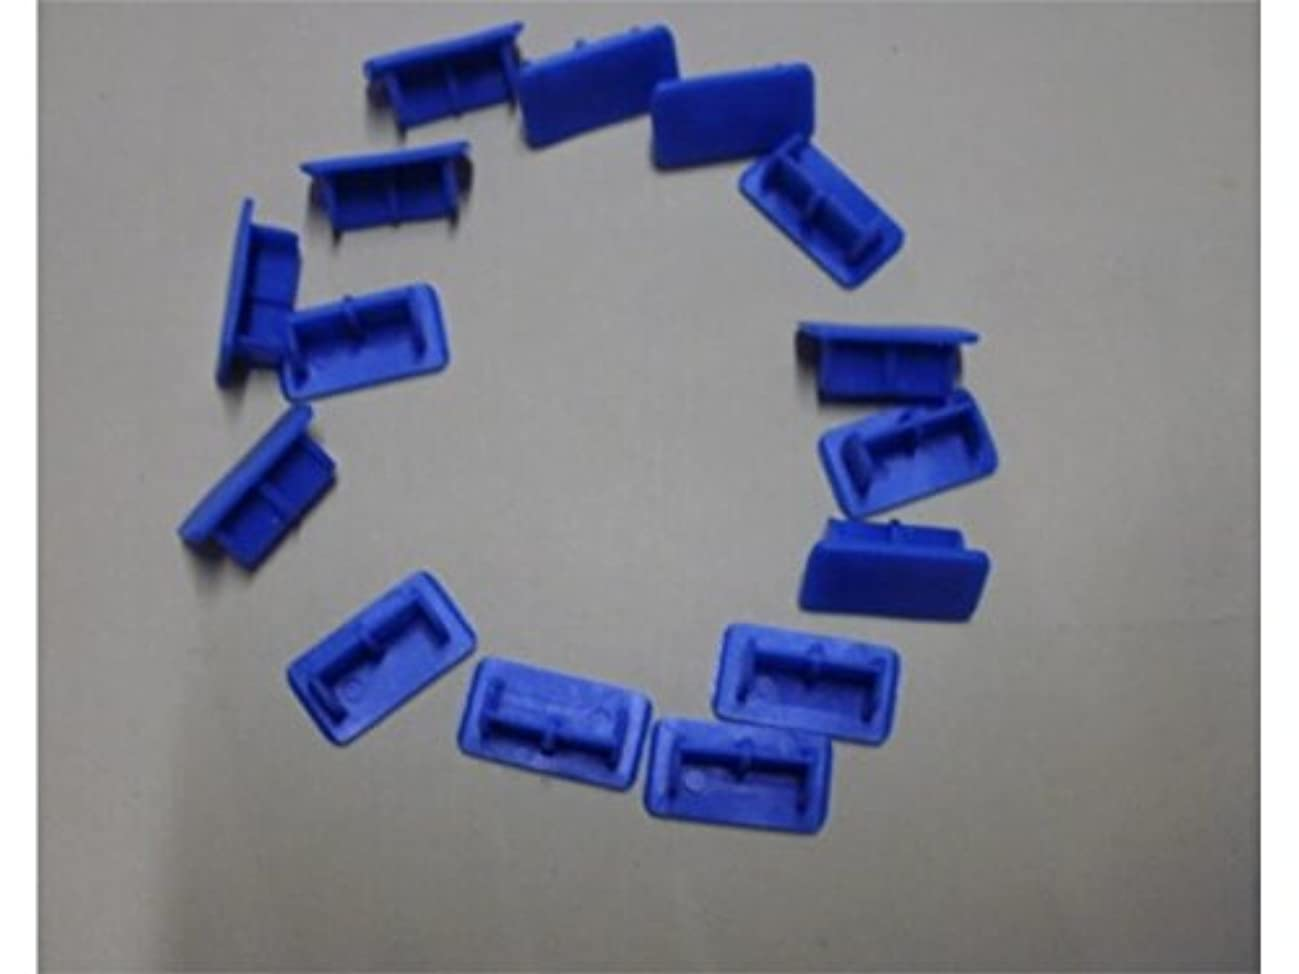 天の丁寧区FenBuGu-JP USBデータケーブルヘッドブルー用100個のPCアンチダストポートプラグセット ゲームマウスパッド